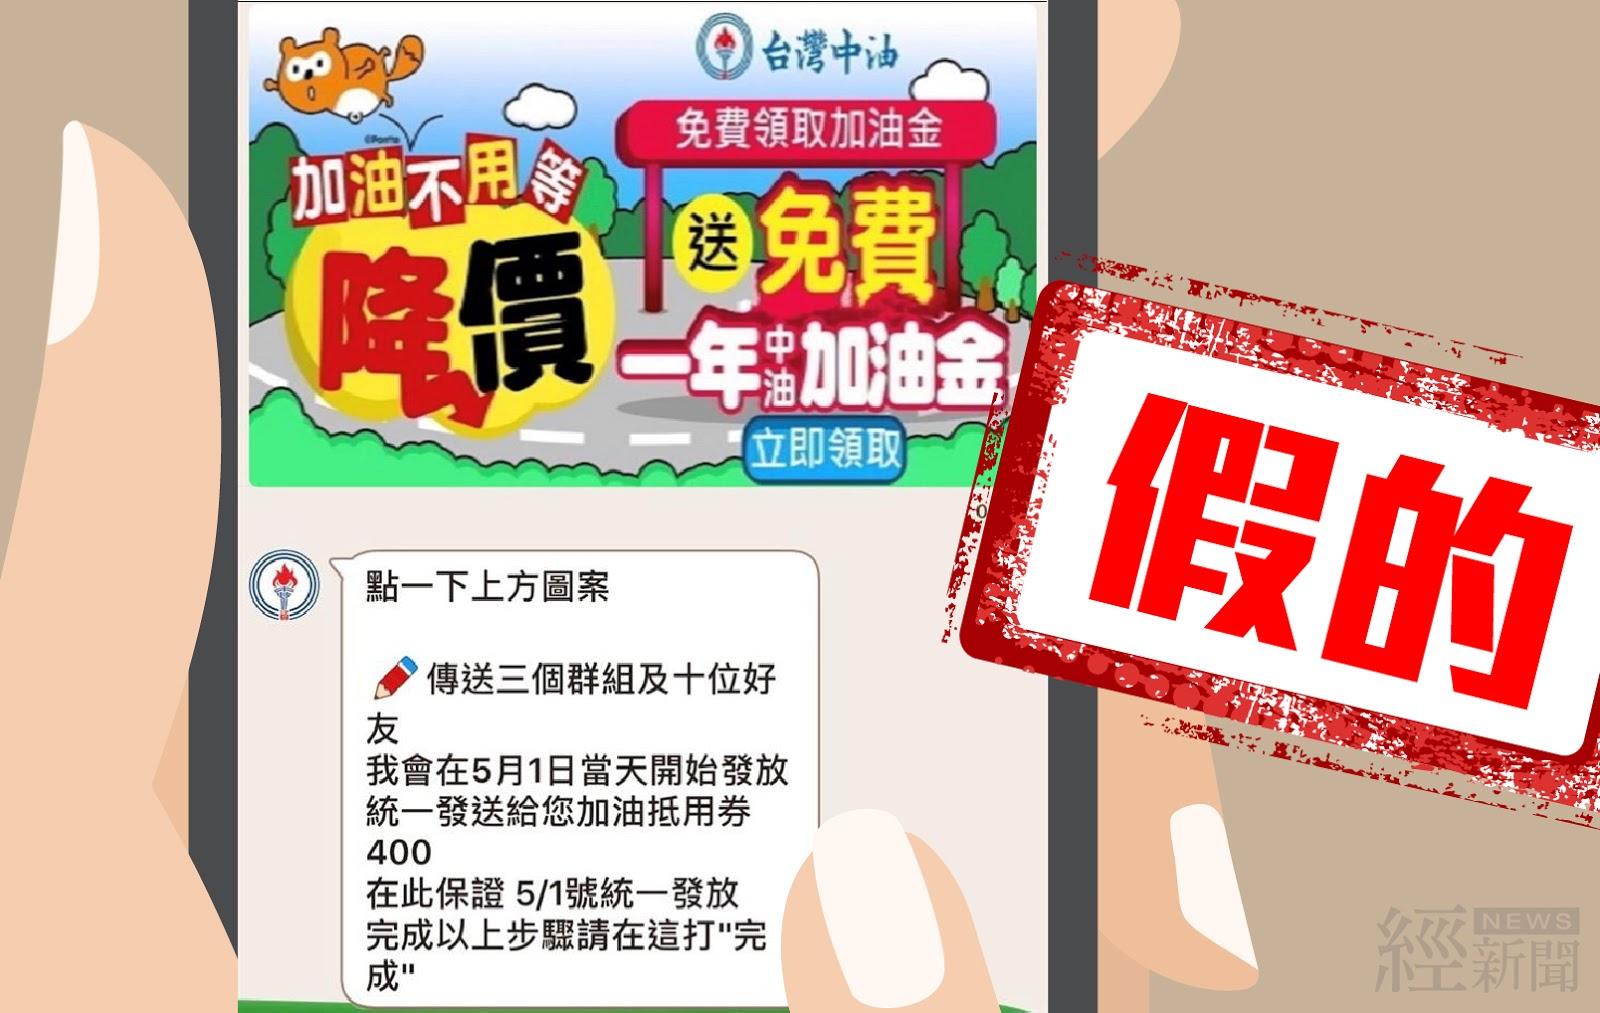 網傳母親節加油劵免費領取 中油駁:不實詐騙!